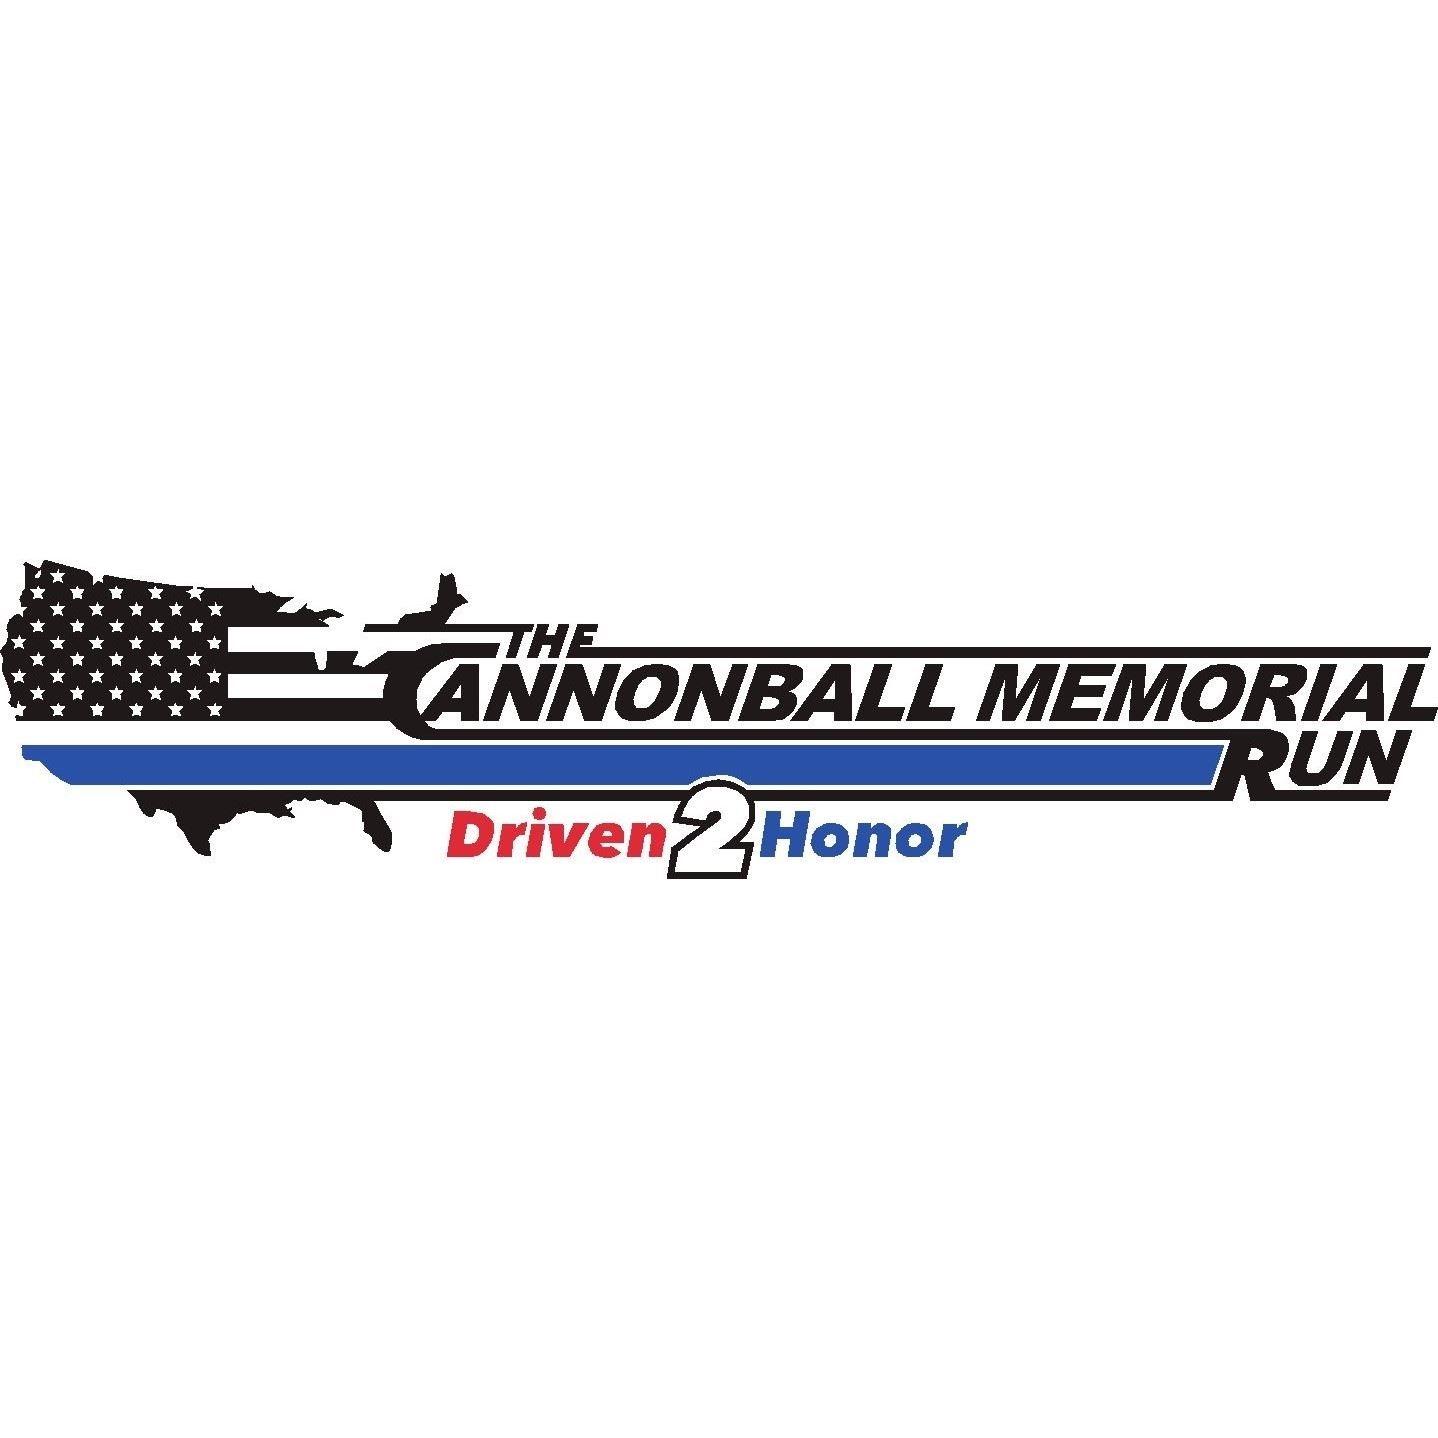 The Cannon Ball Memorial Run